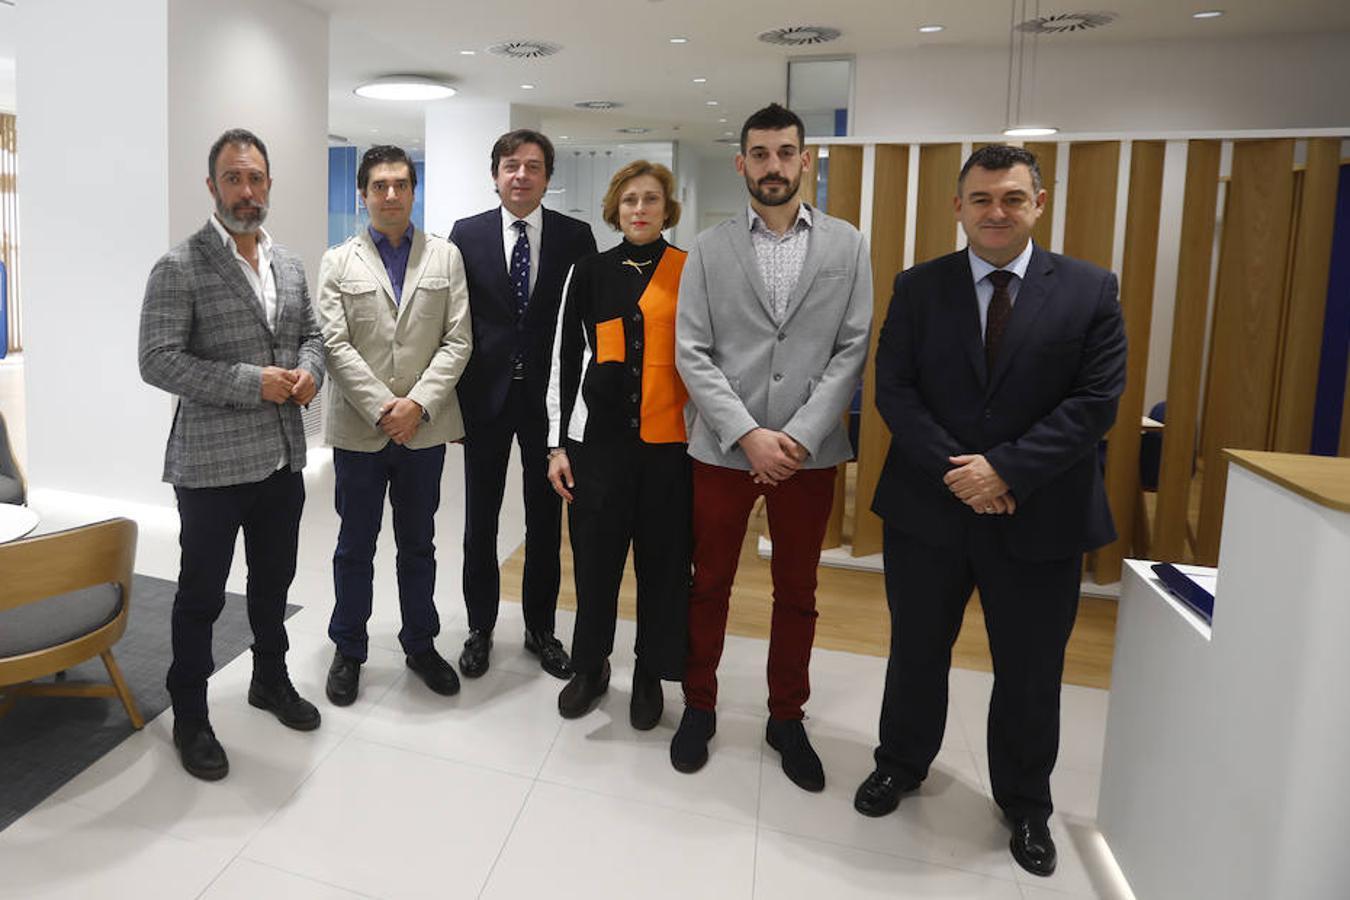 Foto de familia de los participantes en el foro con responsables de BBVA - MIGUEL ÁNGEL